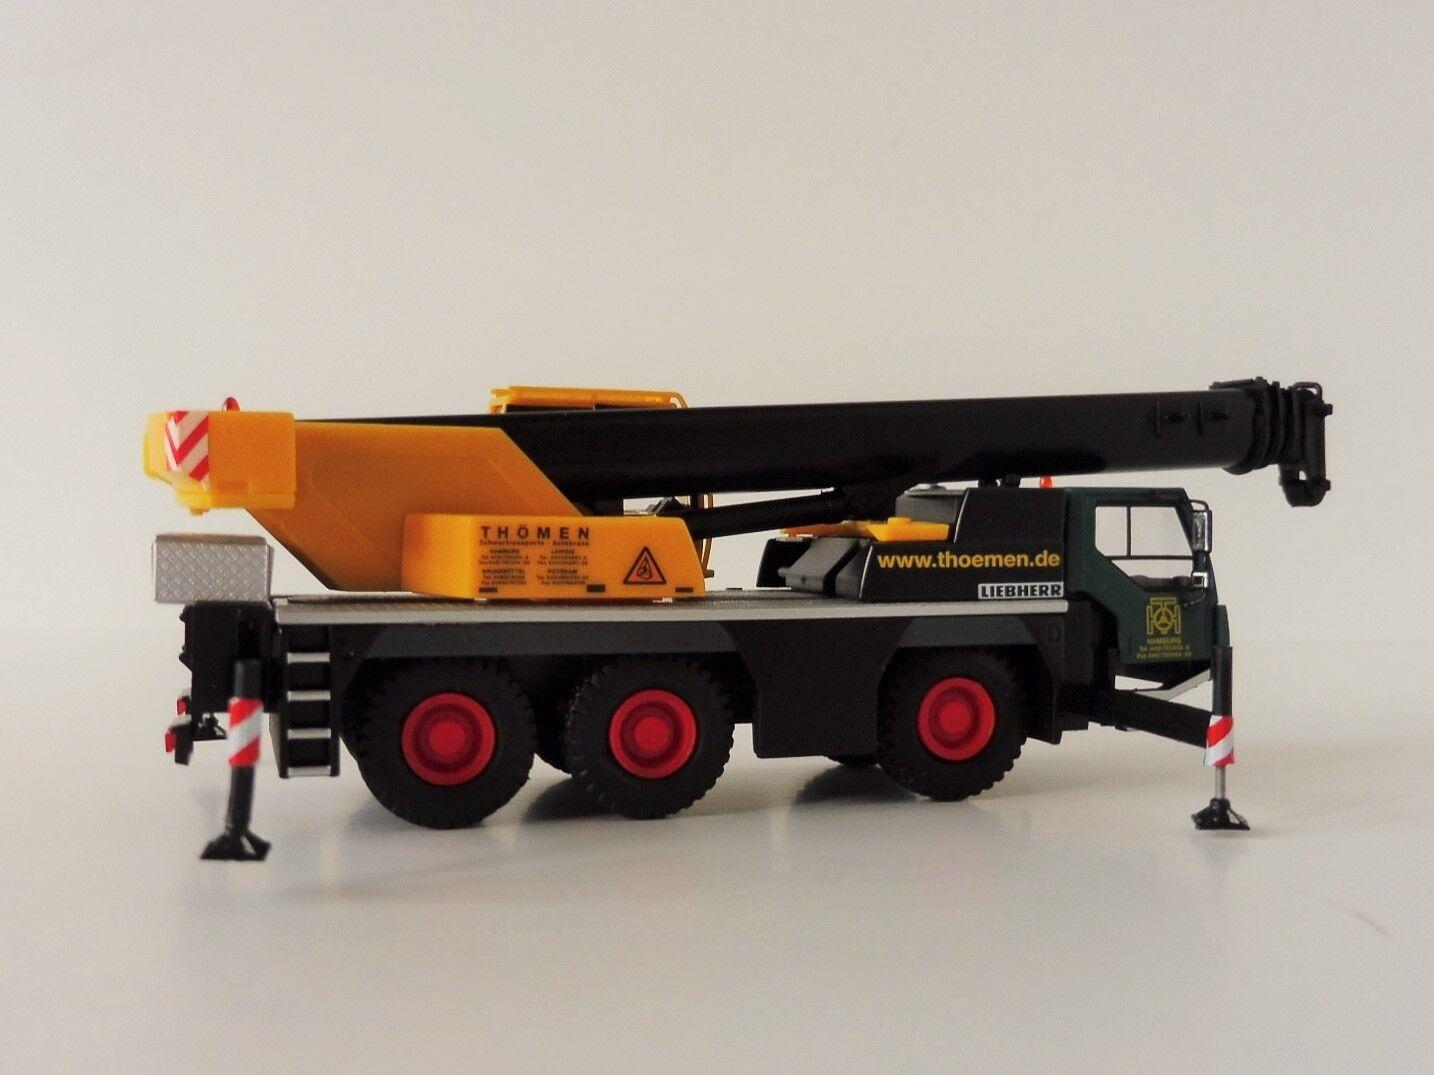 Liebherr LTM 1045 1 1 1 Mobilkran Thömen 1 87 HERPA 308632 1045 Hamburg 228499